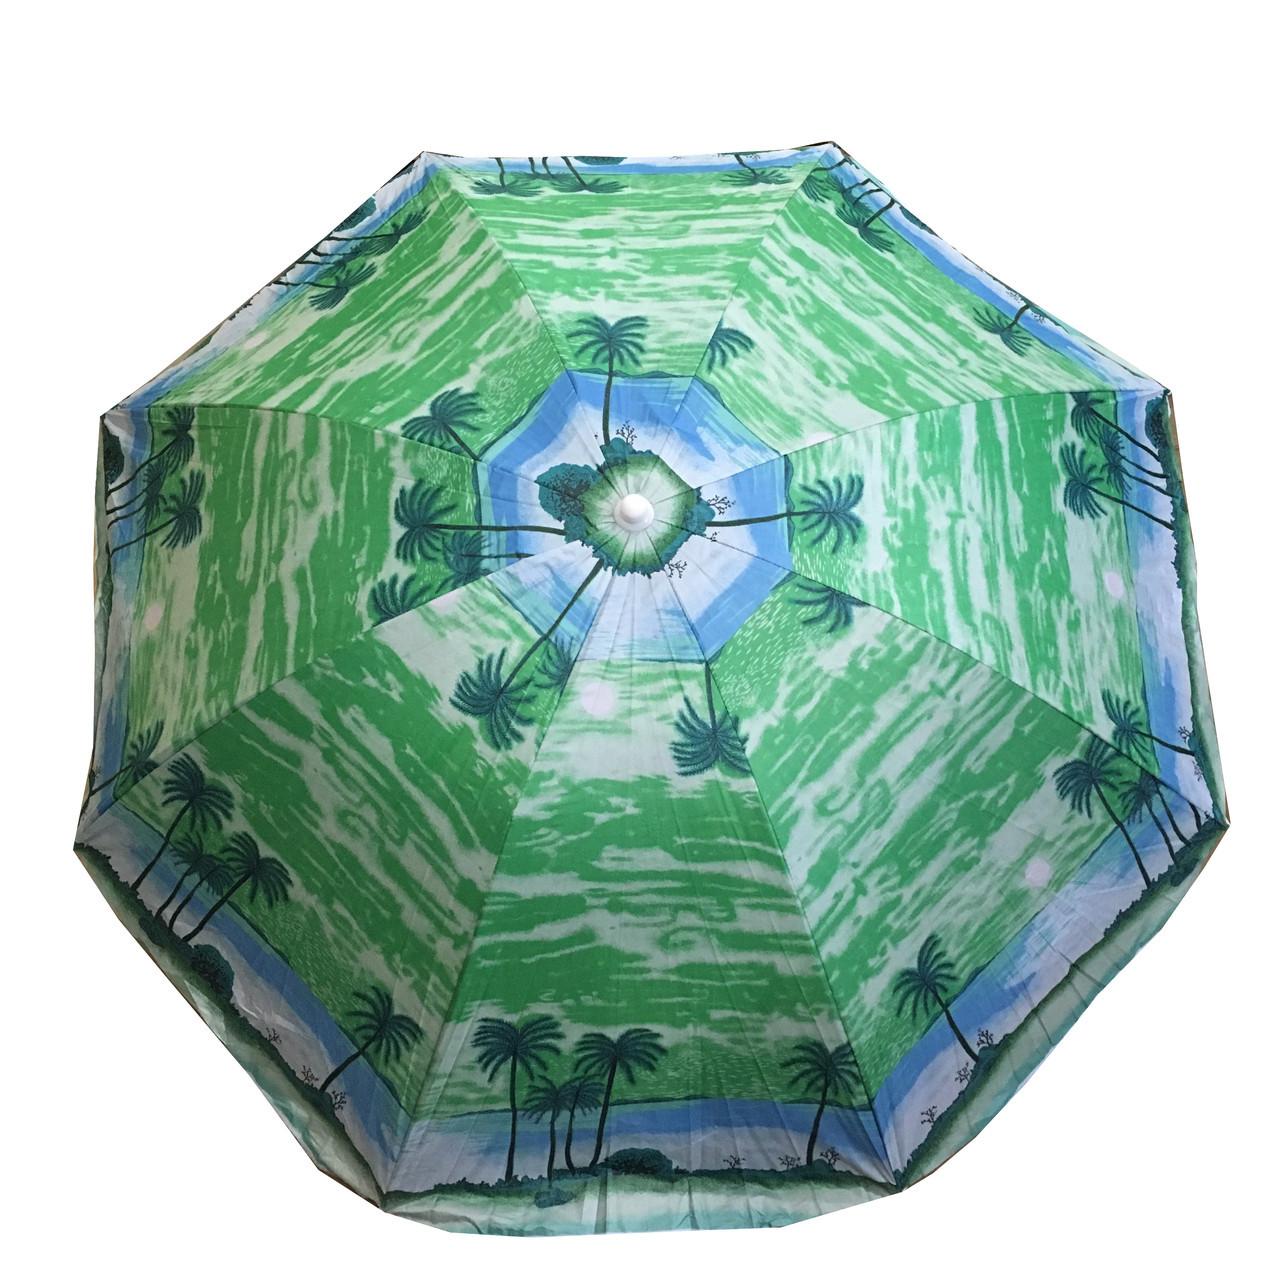 Пляжний зонт 85P 1.80 м,пластикові спиці, з нахилом і напилюванням (ЦІНА ЗА ЯЩИК)